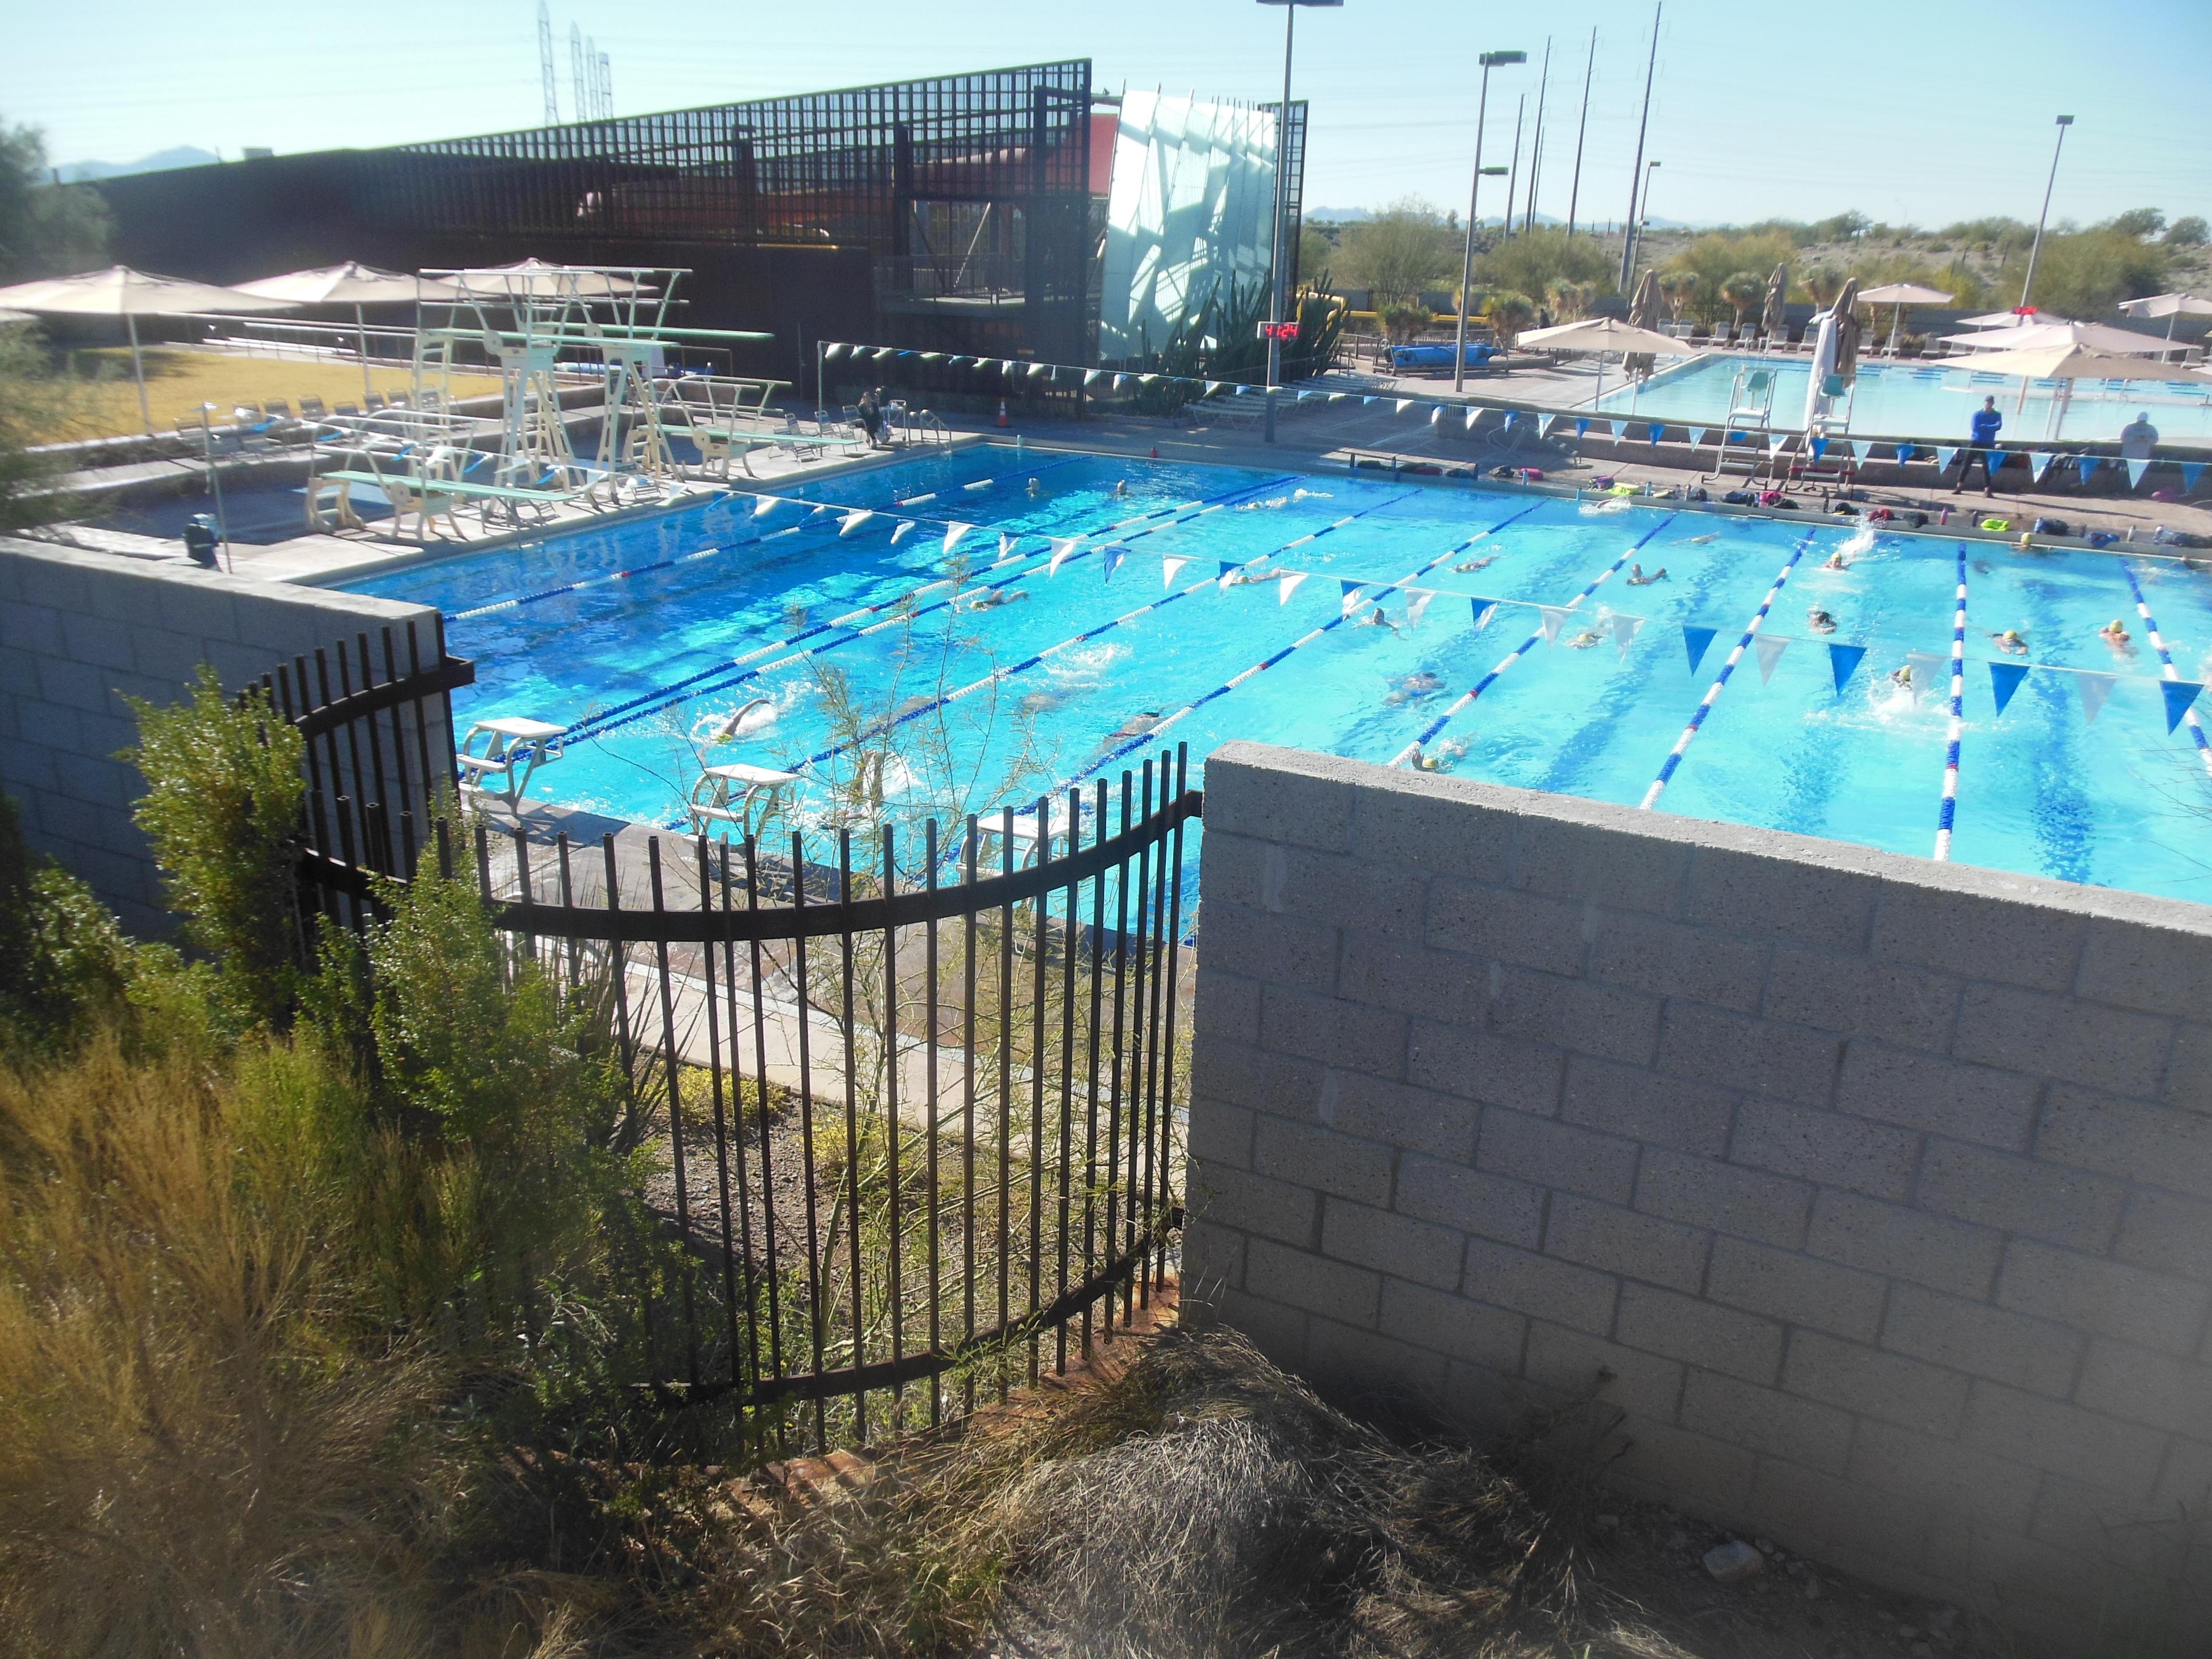 Scottsdale Aquatic Center